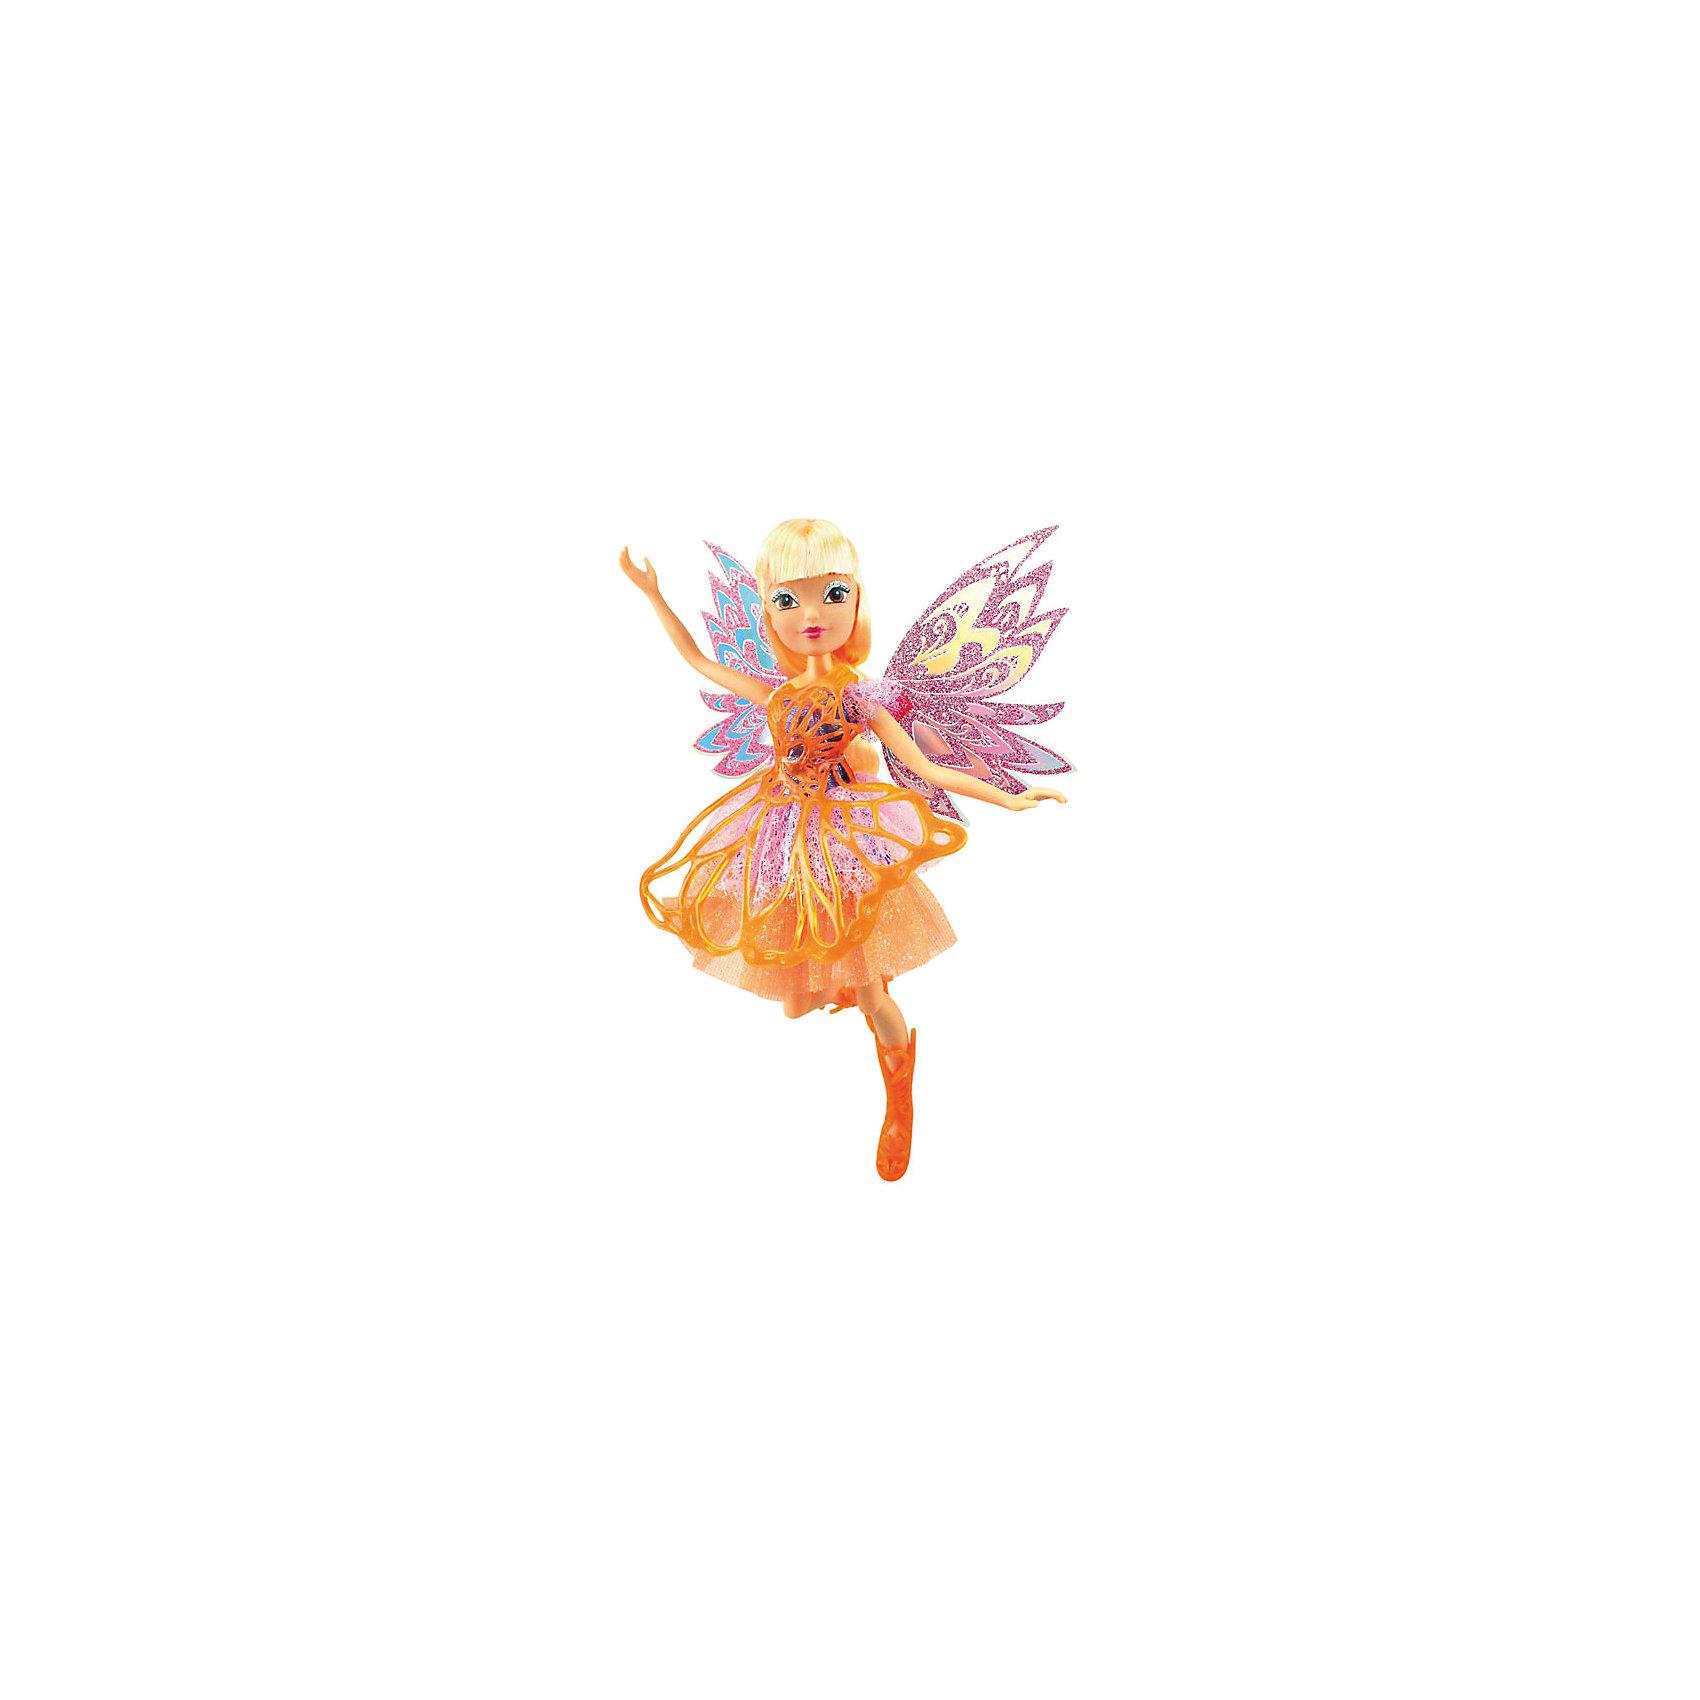 Gulliver Кукла Баттерфликс-2. Двойные крылья Flora, Winx Club кукла winx club баттерфликс 27 см в ассортименте